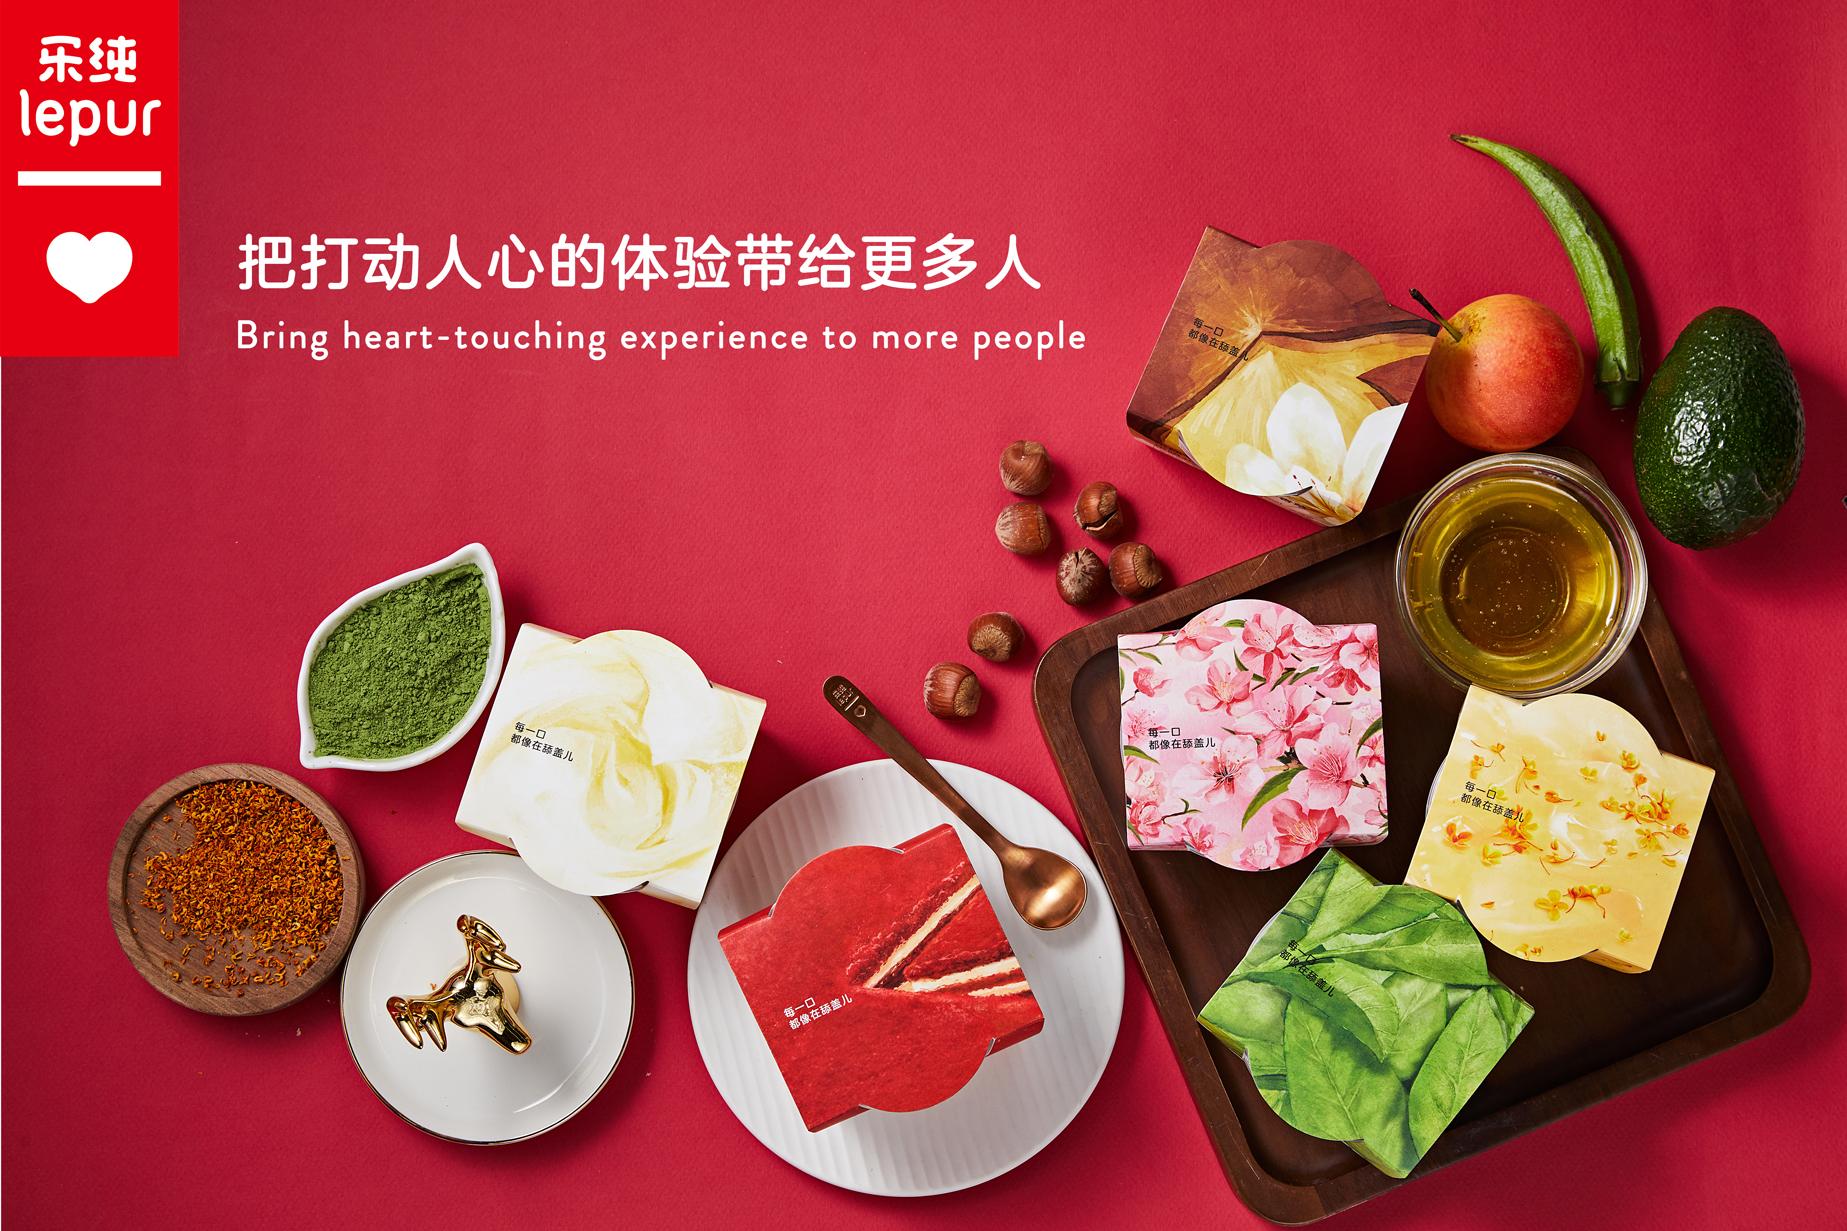 """一盒酸奶背后的""""方法论"""" 【华丽创业志】专访""""乐纯""""创始人Denny"""